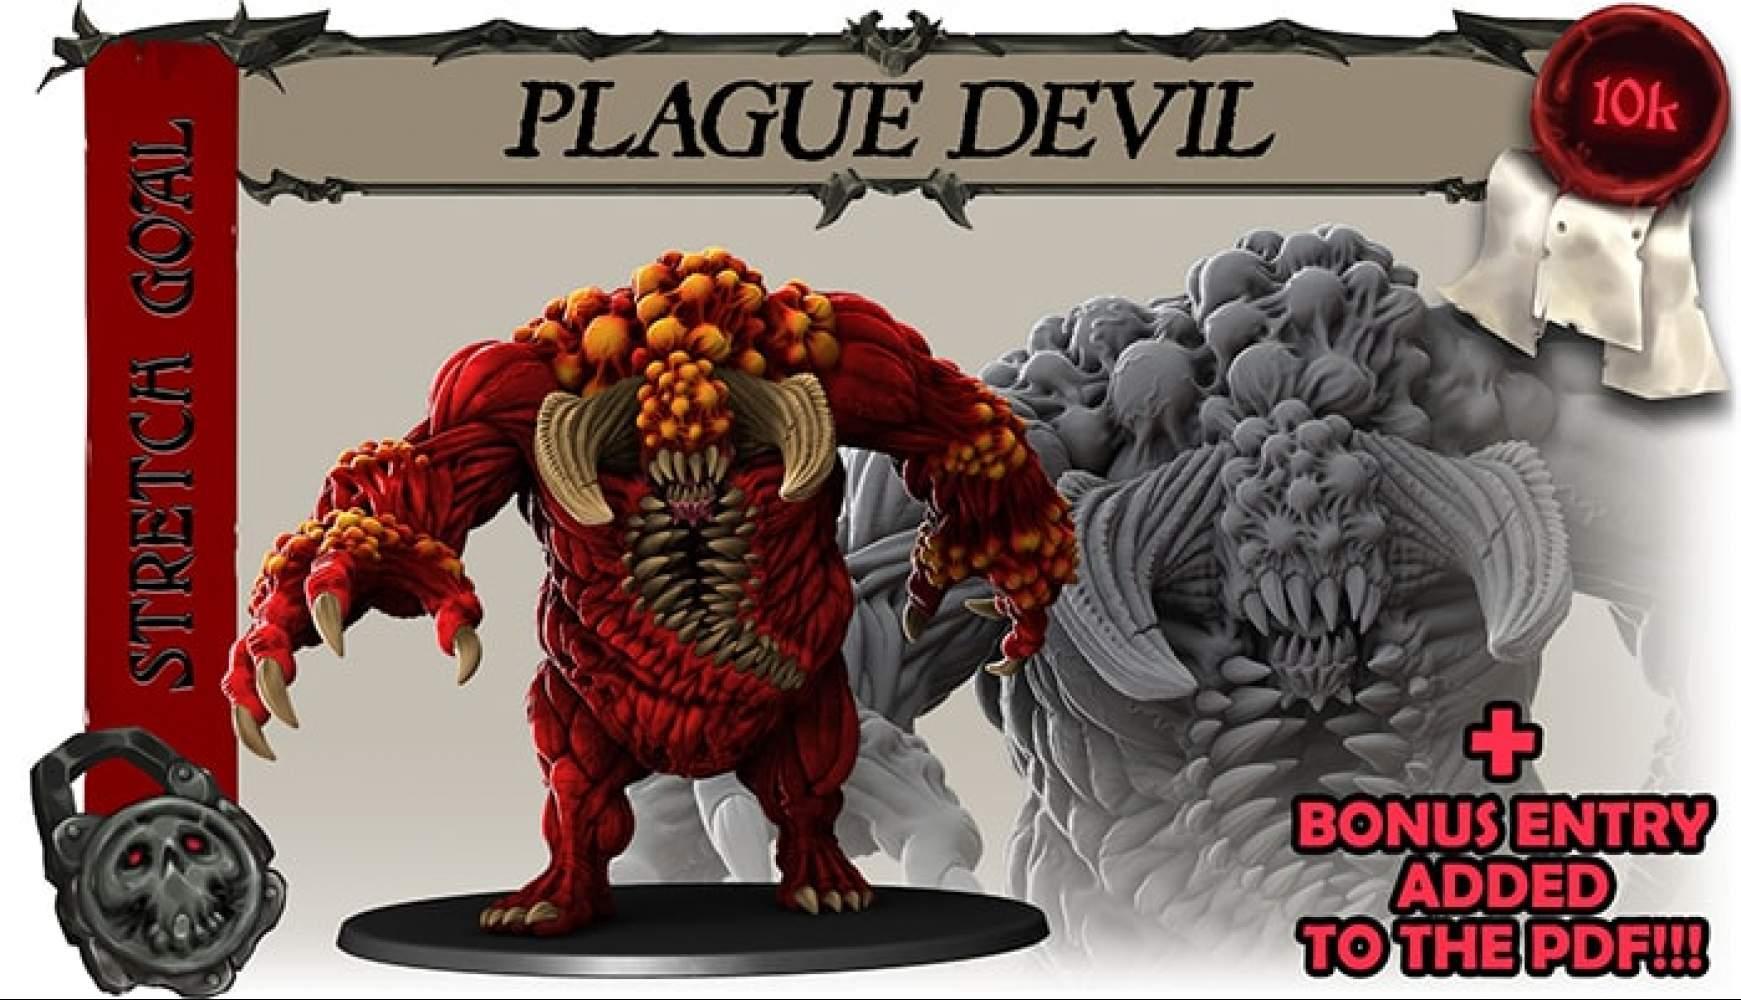 PLAGUE DEVIL